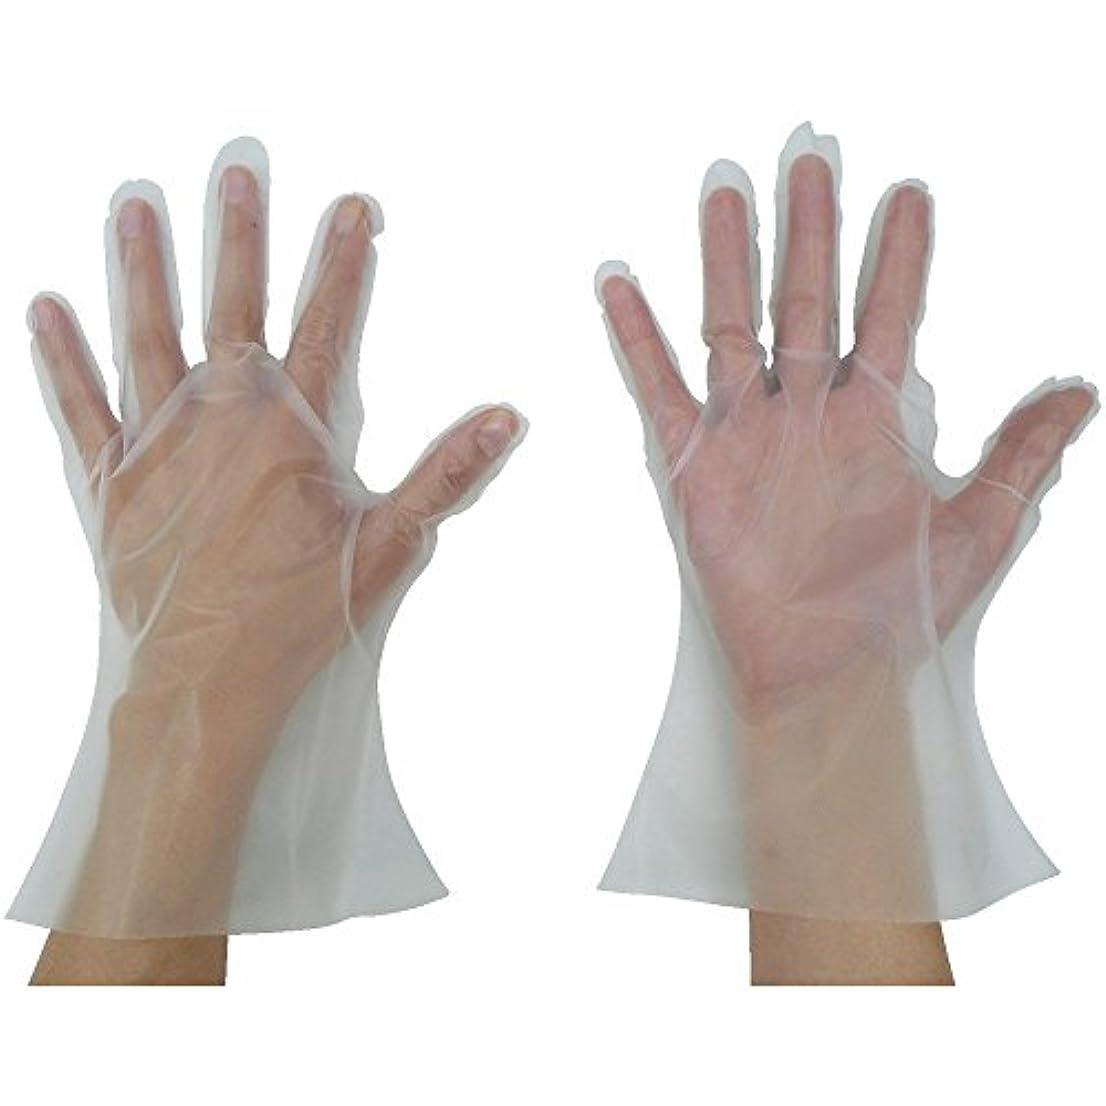 宿るキリマンジャロ有料東京パック 緊急災害対策用手袋ニュ?マイジャスト簡易50S 半透明 KN-S ポリエチレン使い捨て手袋